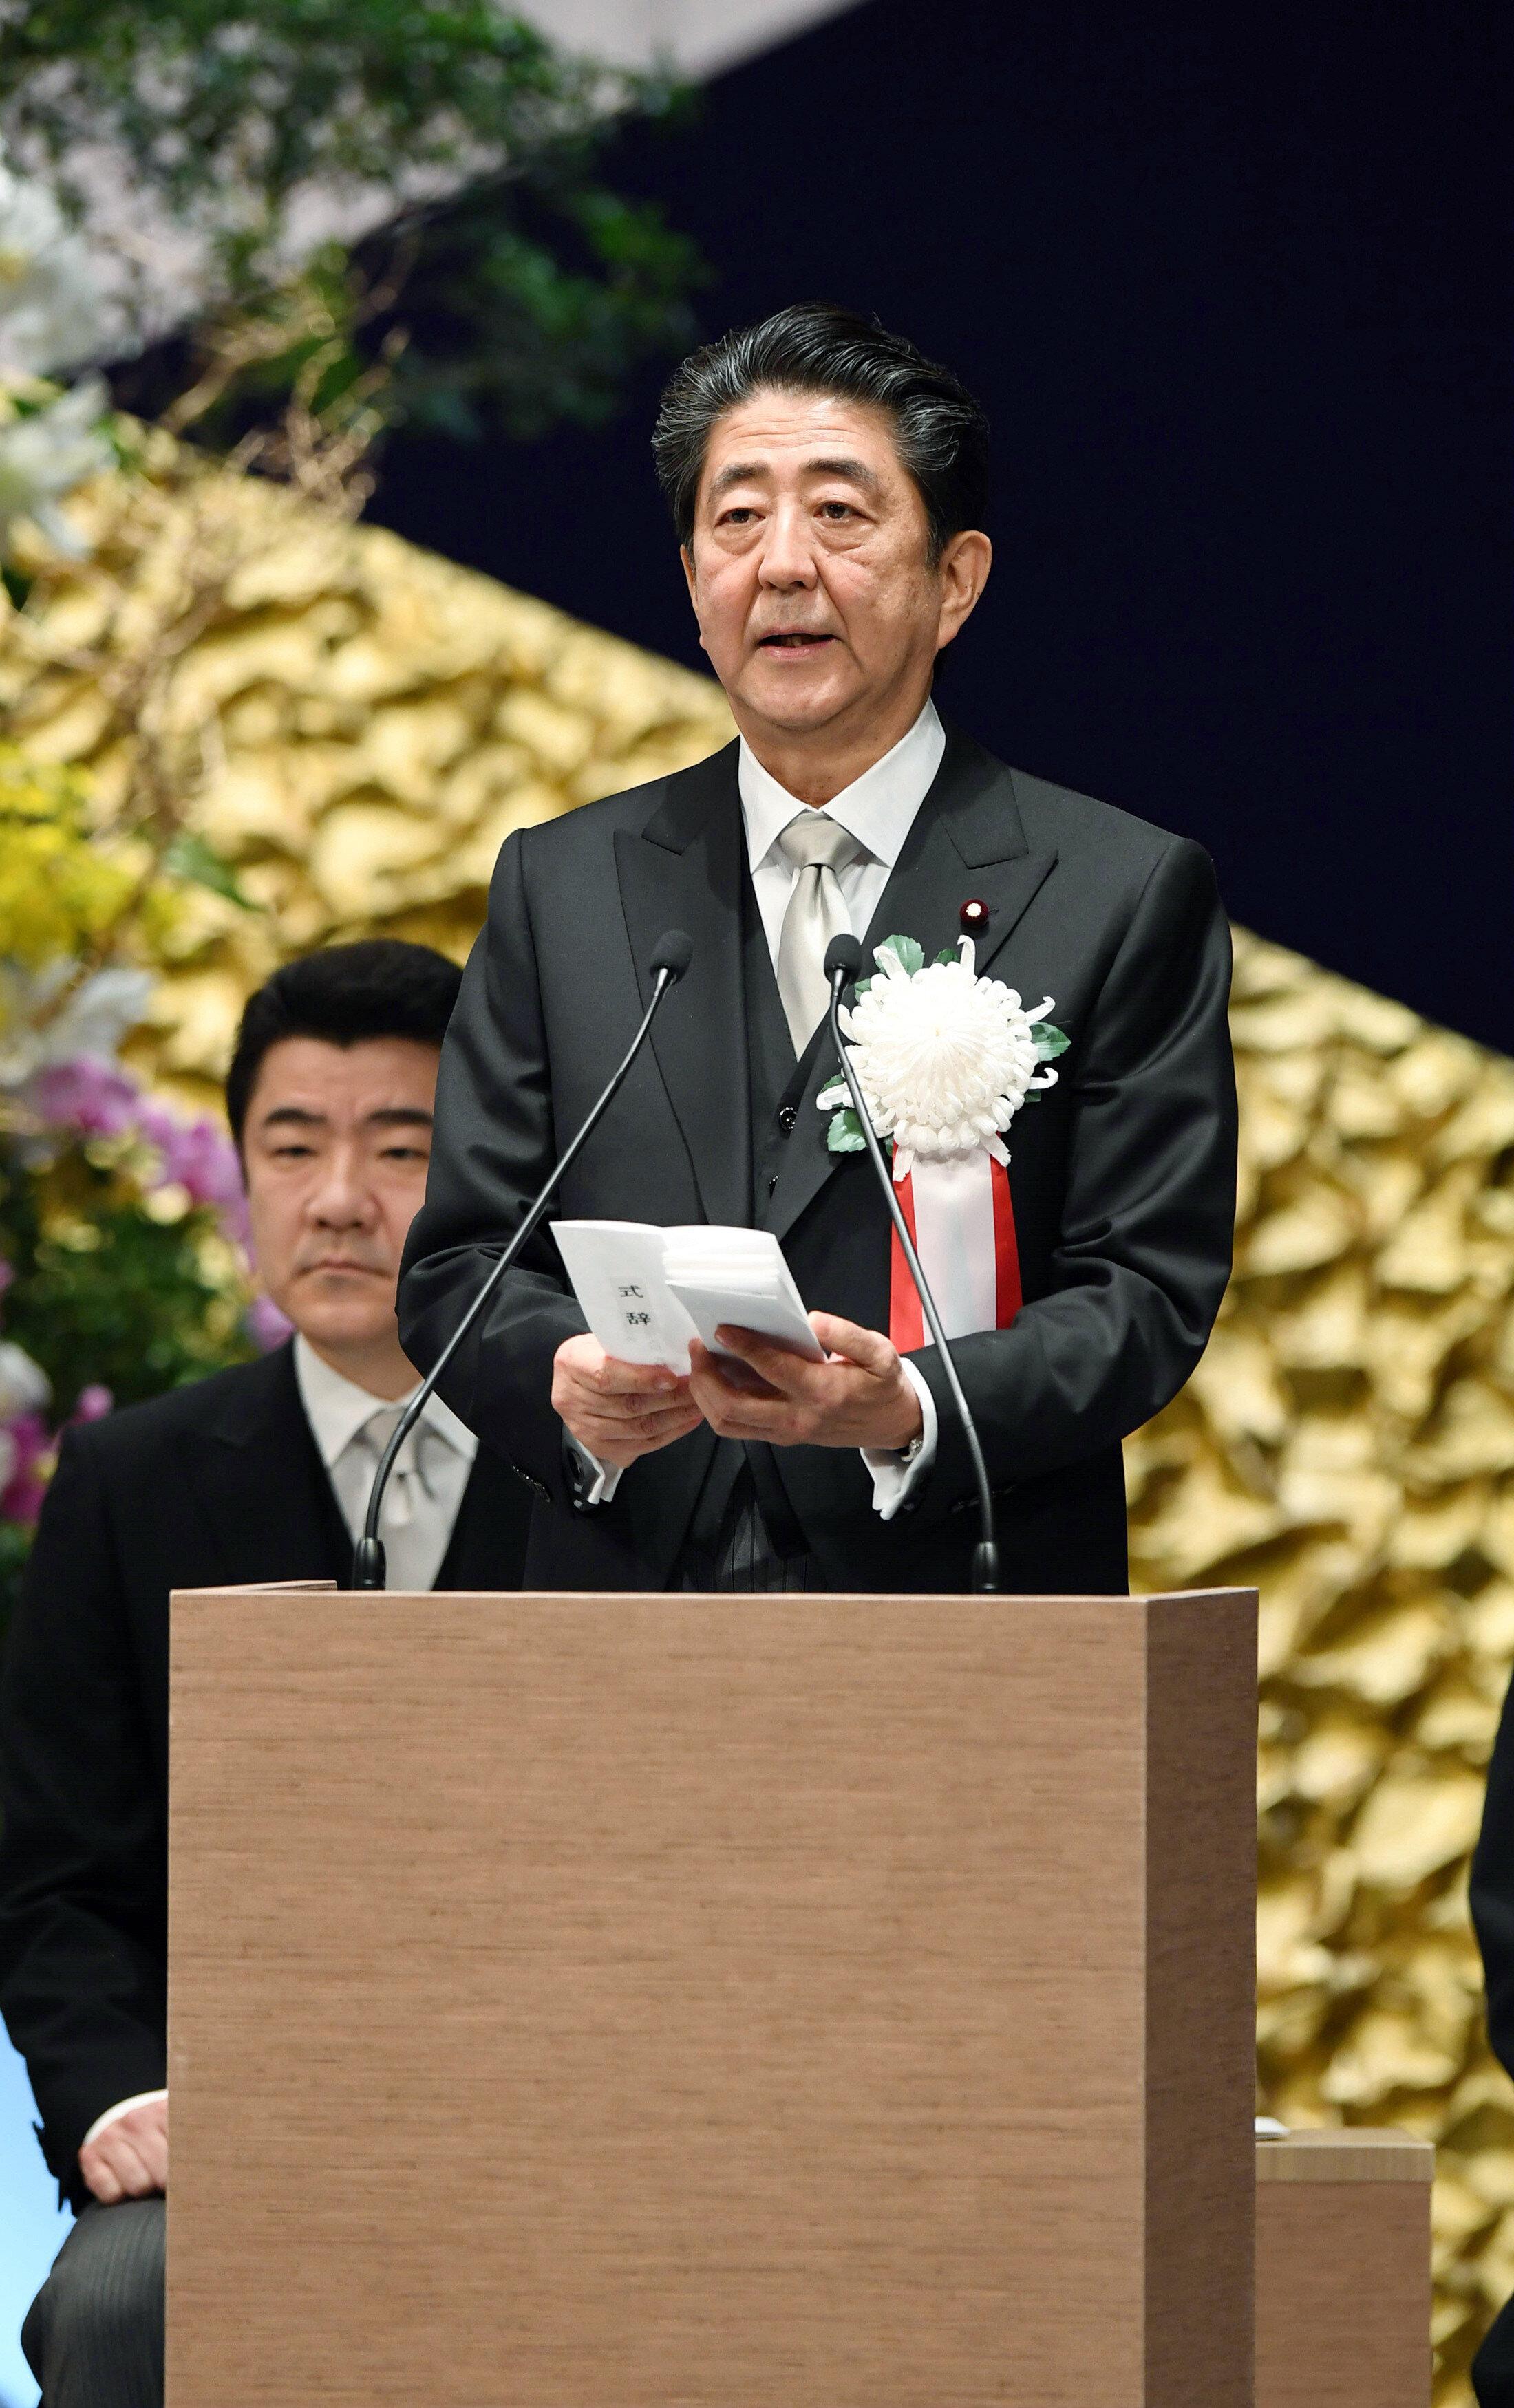 安倍首相、陛下に謝意 「国民に明日への勇気と希望を与えてくださいました」